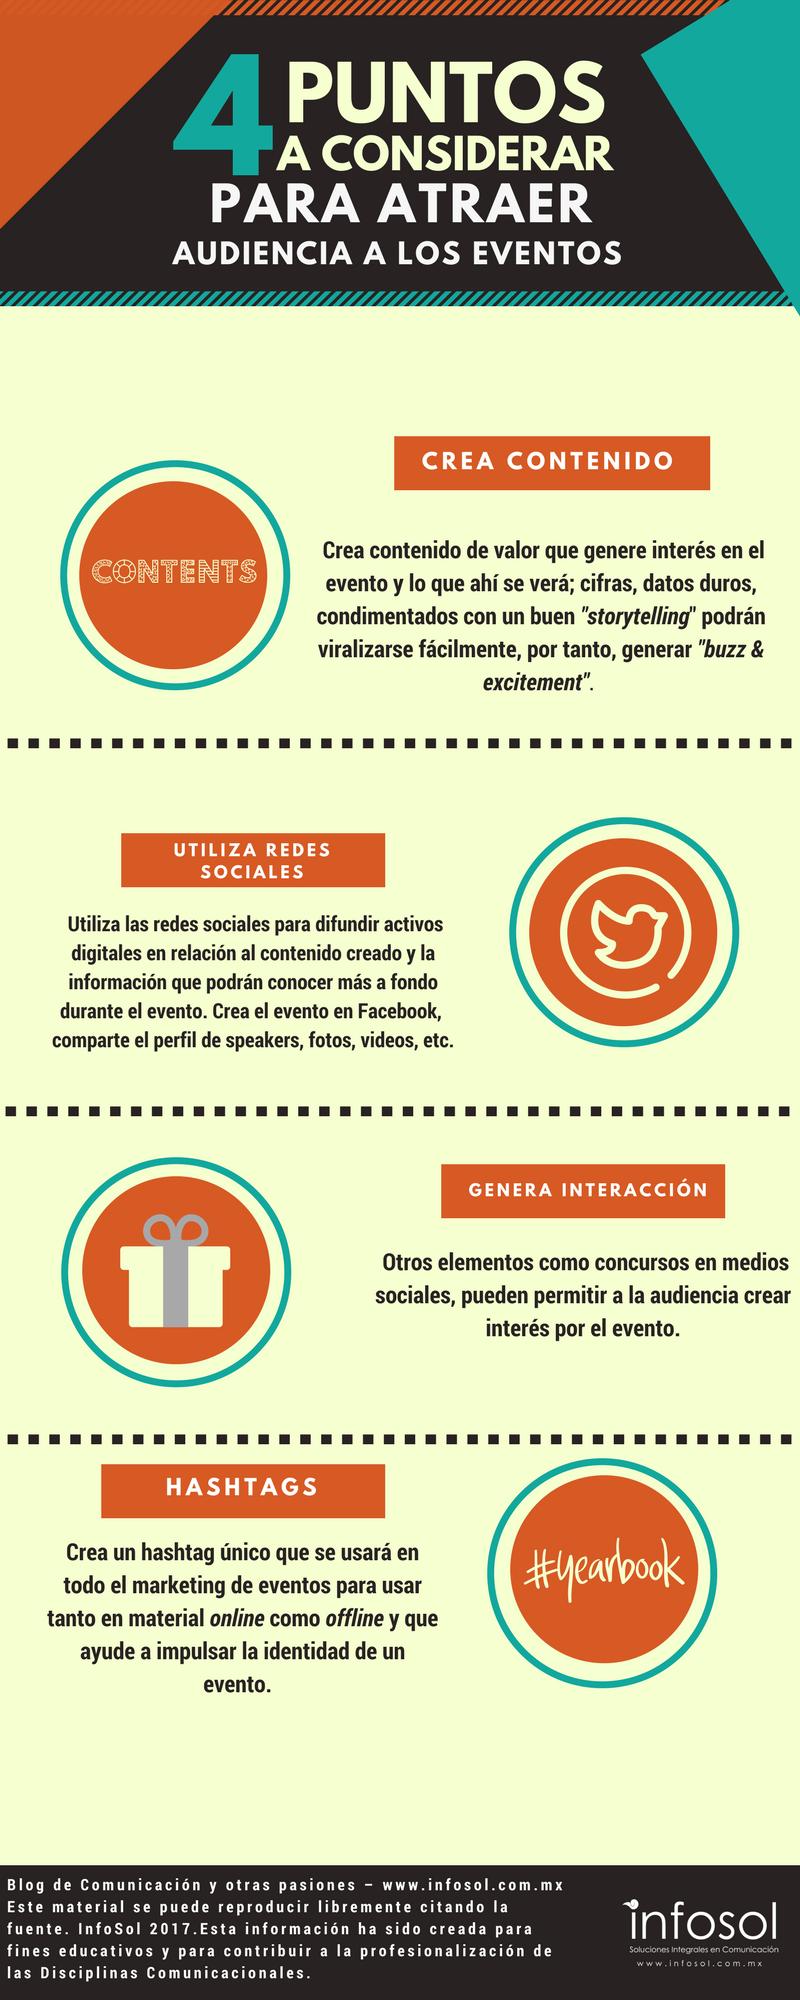 4 puntos a considerar para atraer audiencia a los eventos